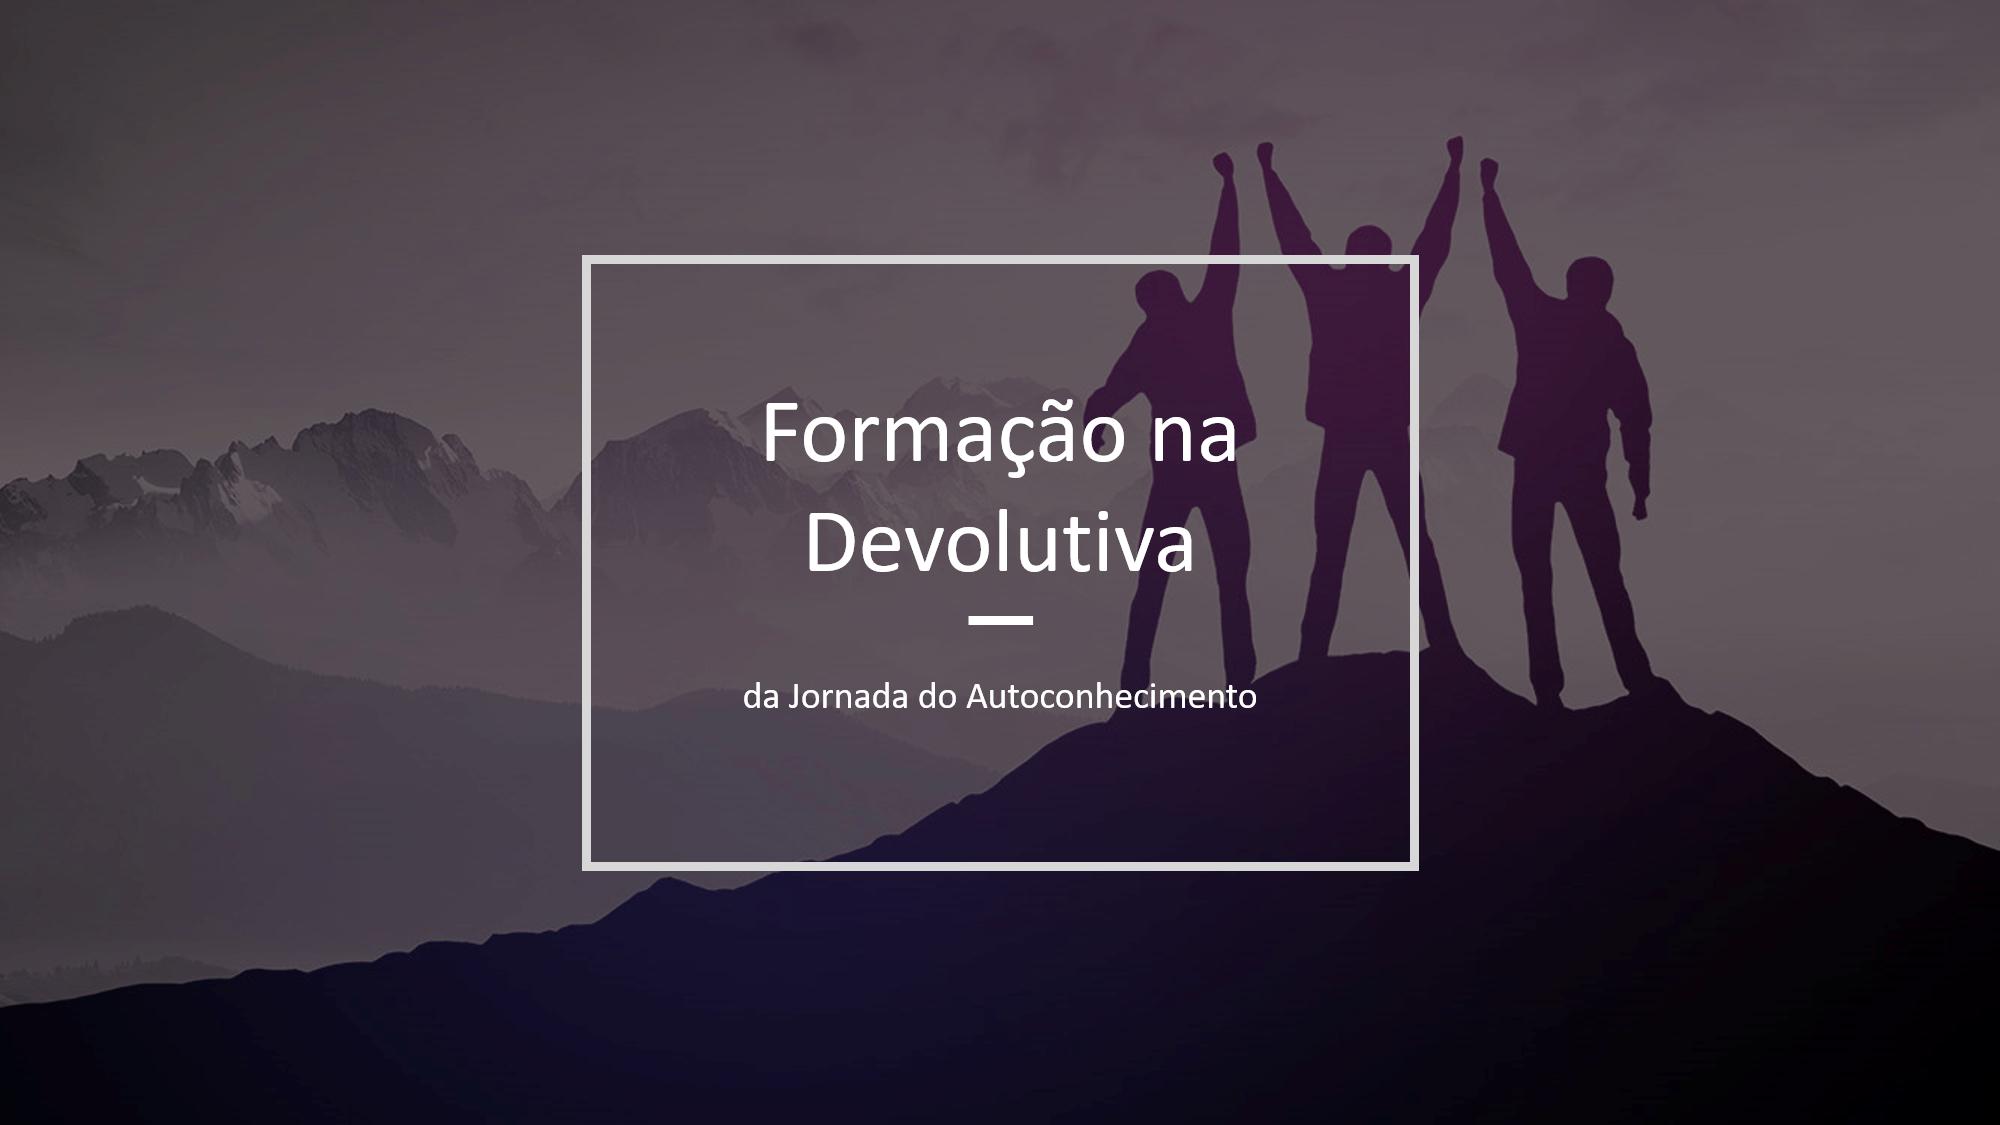 Formação na Devolutiva da Jornada do Autoconhecimento